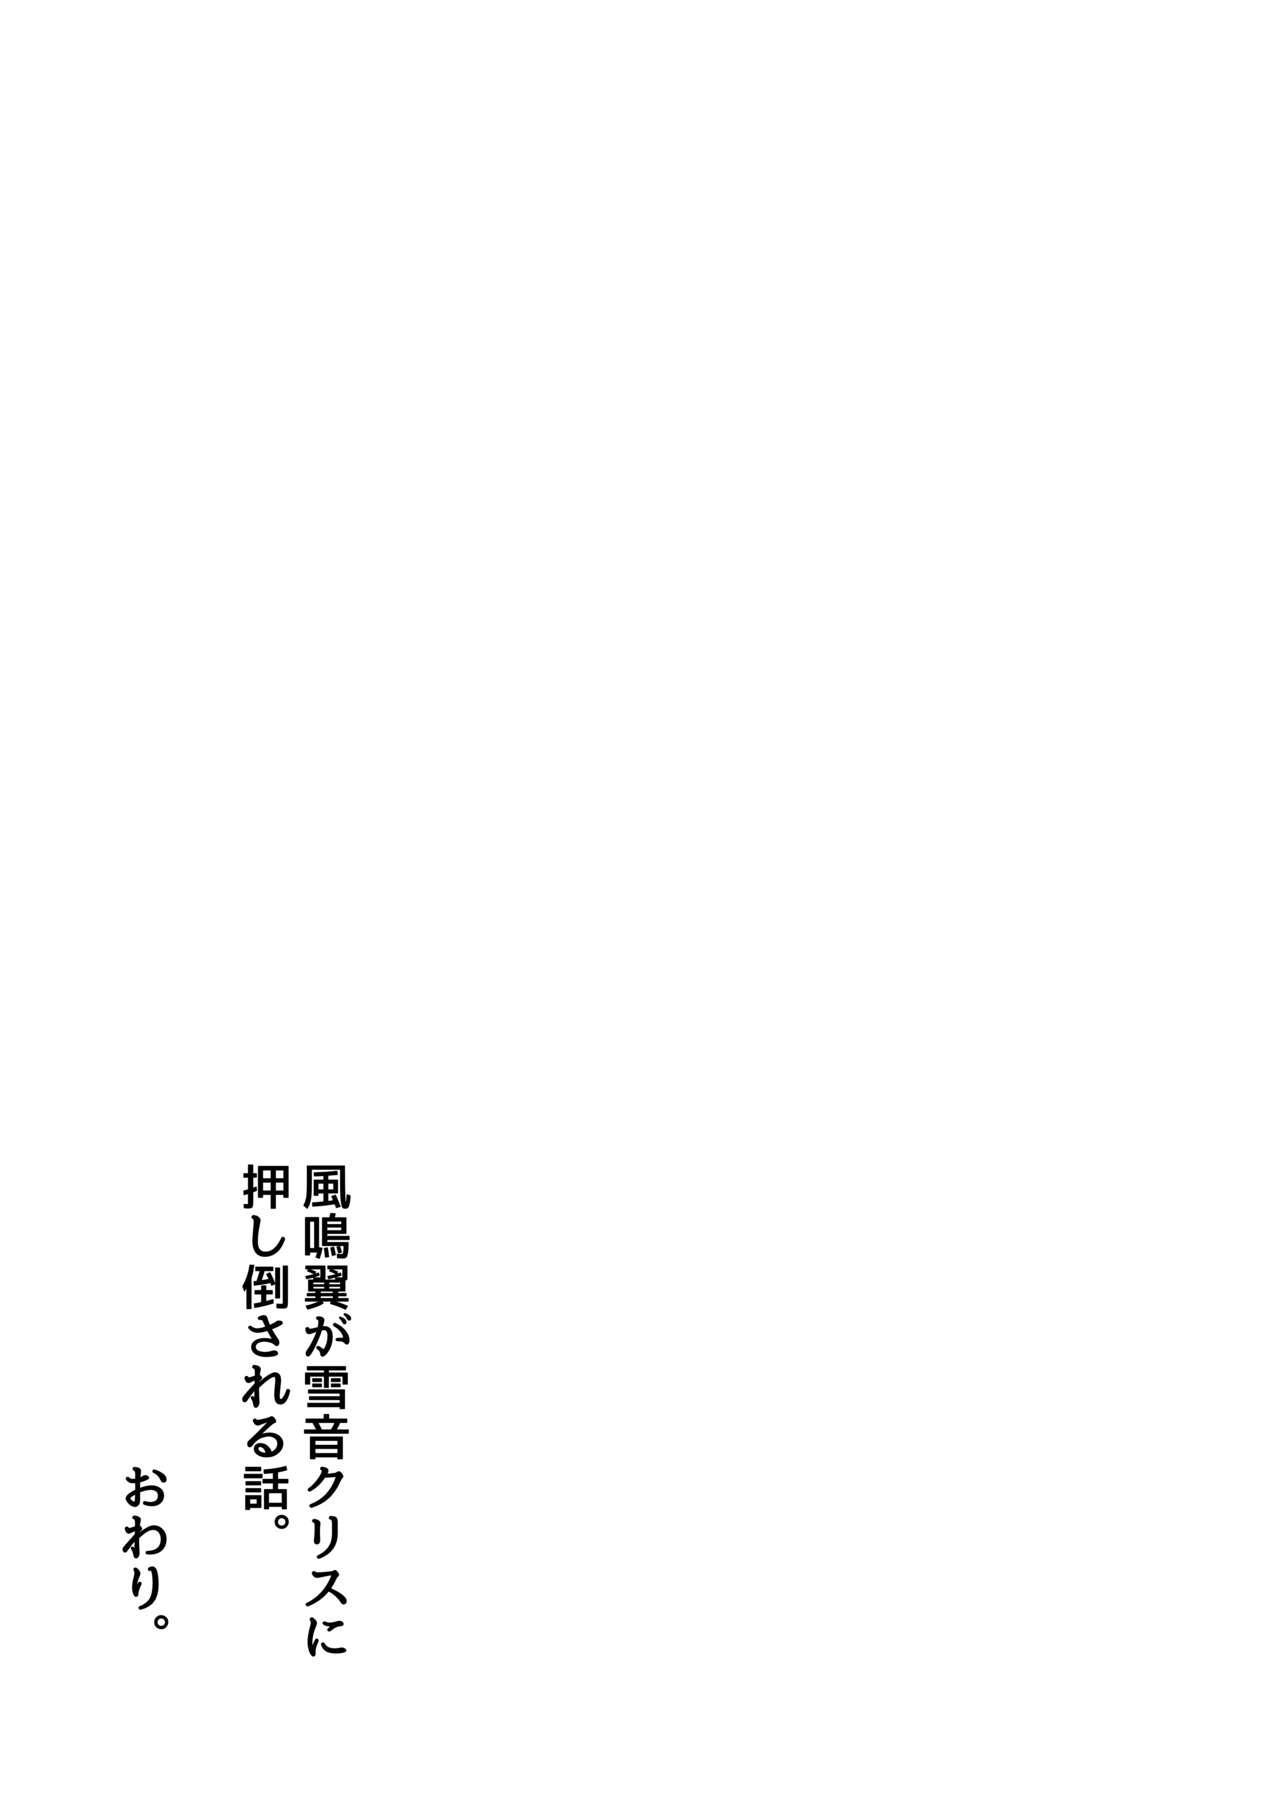 Kazanari Tsubasa ga Yukine Chris ni Oshitaosareru Hanashi. 31